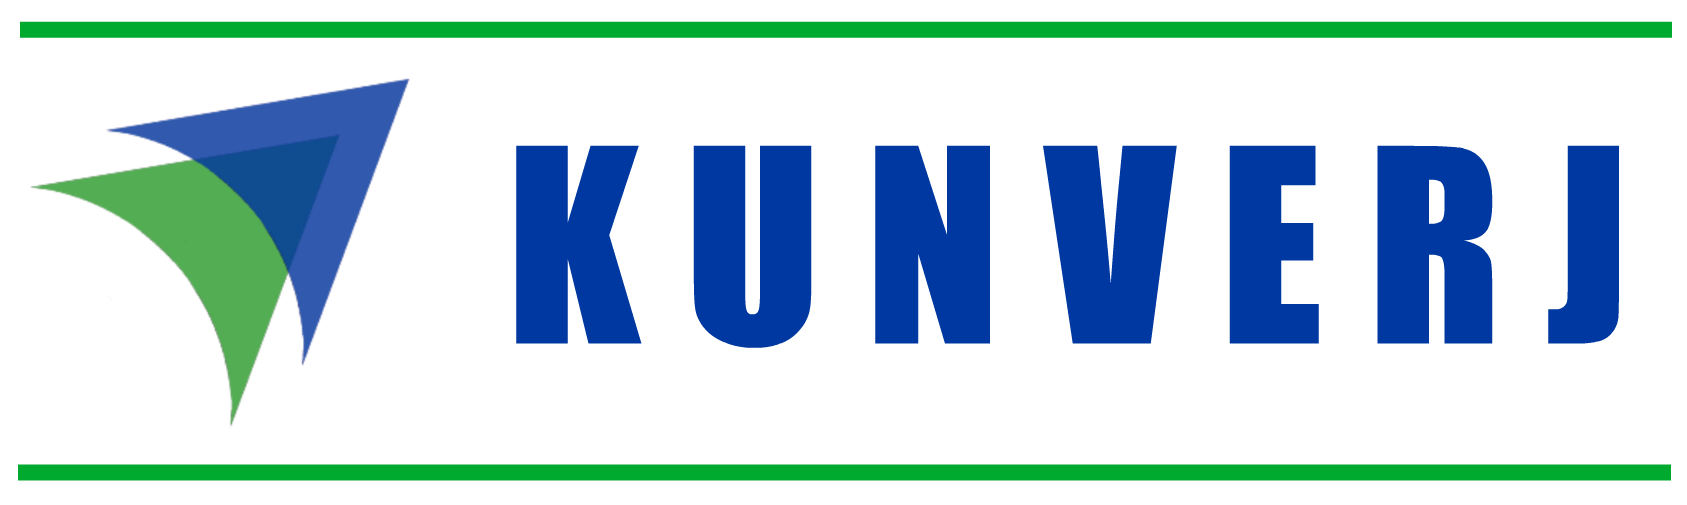 Kunverj